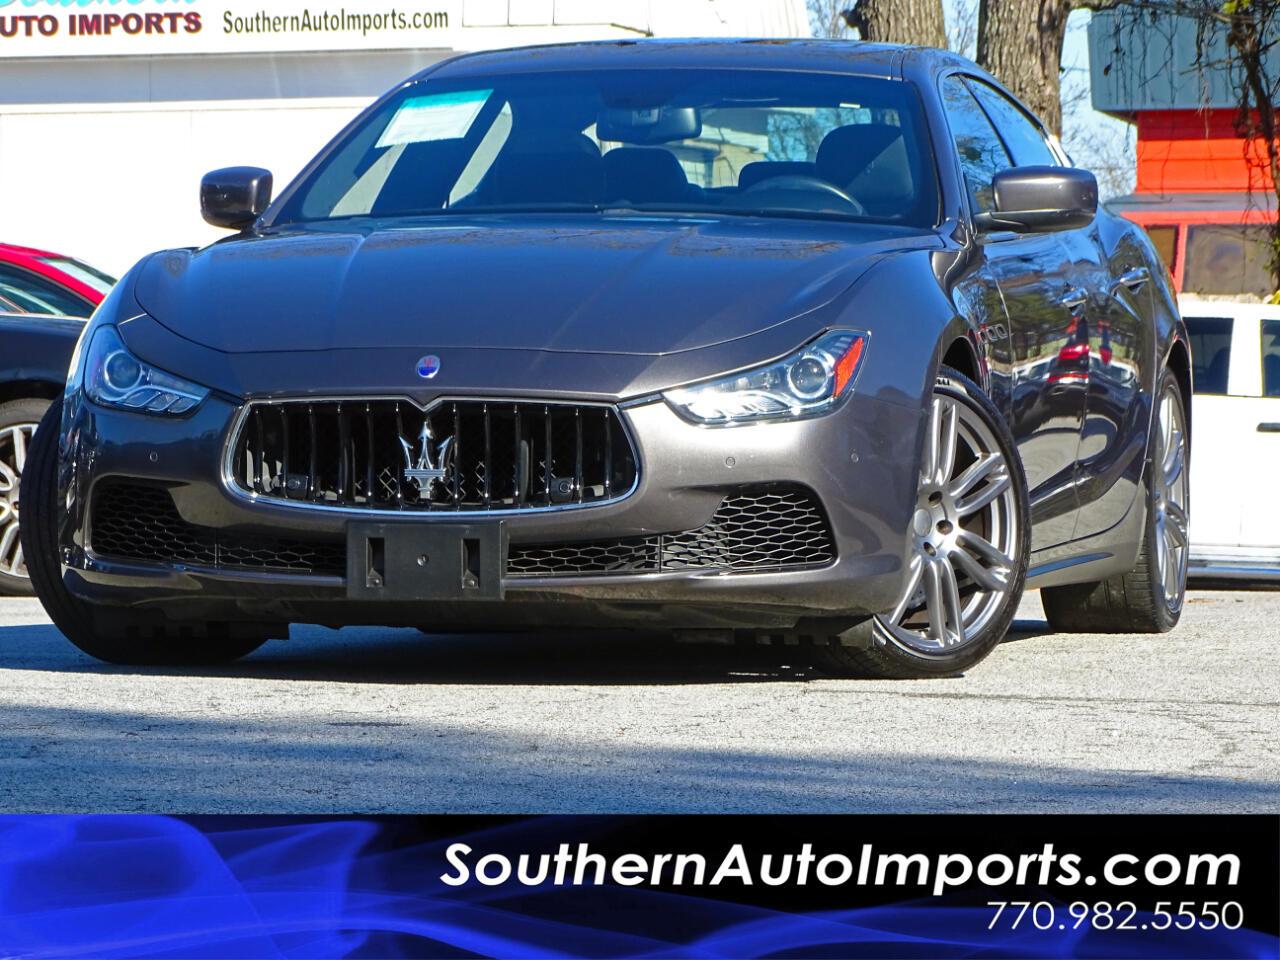 2015 Maserati Ghibli S Q4 w/Navigation 1owner Sport Options